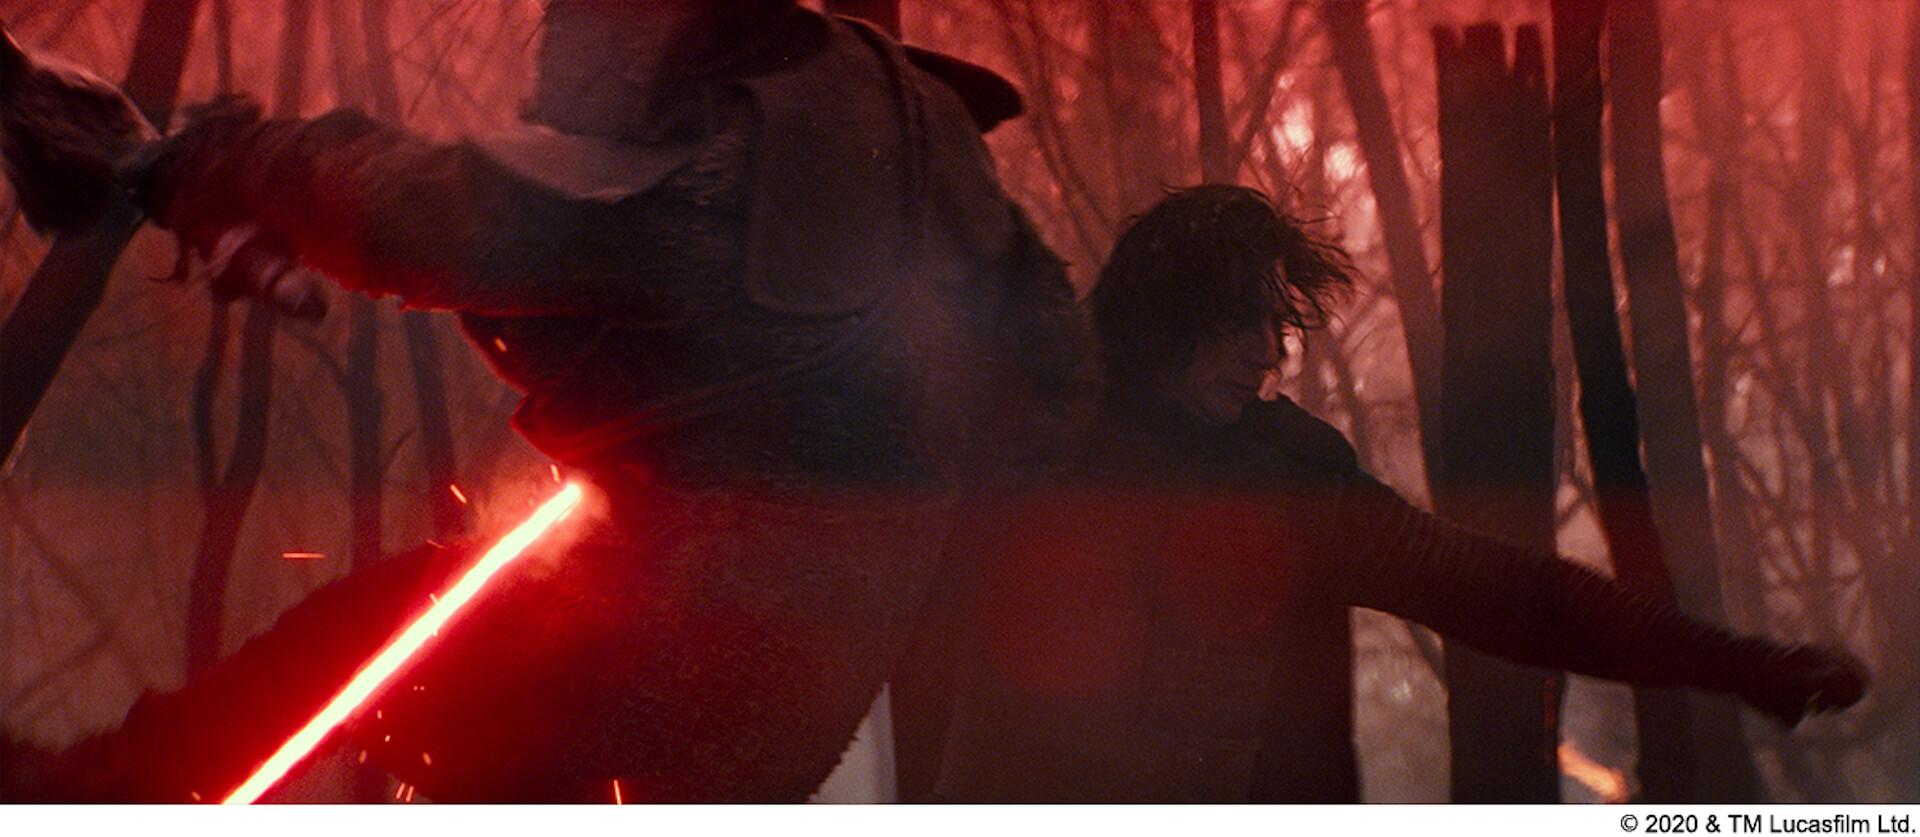 『スター・ウォーズ/スカイウォーカーの夜明け』先行デジタル配信&レンタル開始記念、カイロ・レンが覚醒する8分ものプレビュー映像が解禁! film200408_starwars_4